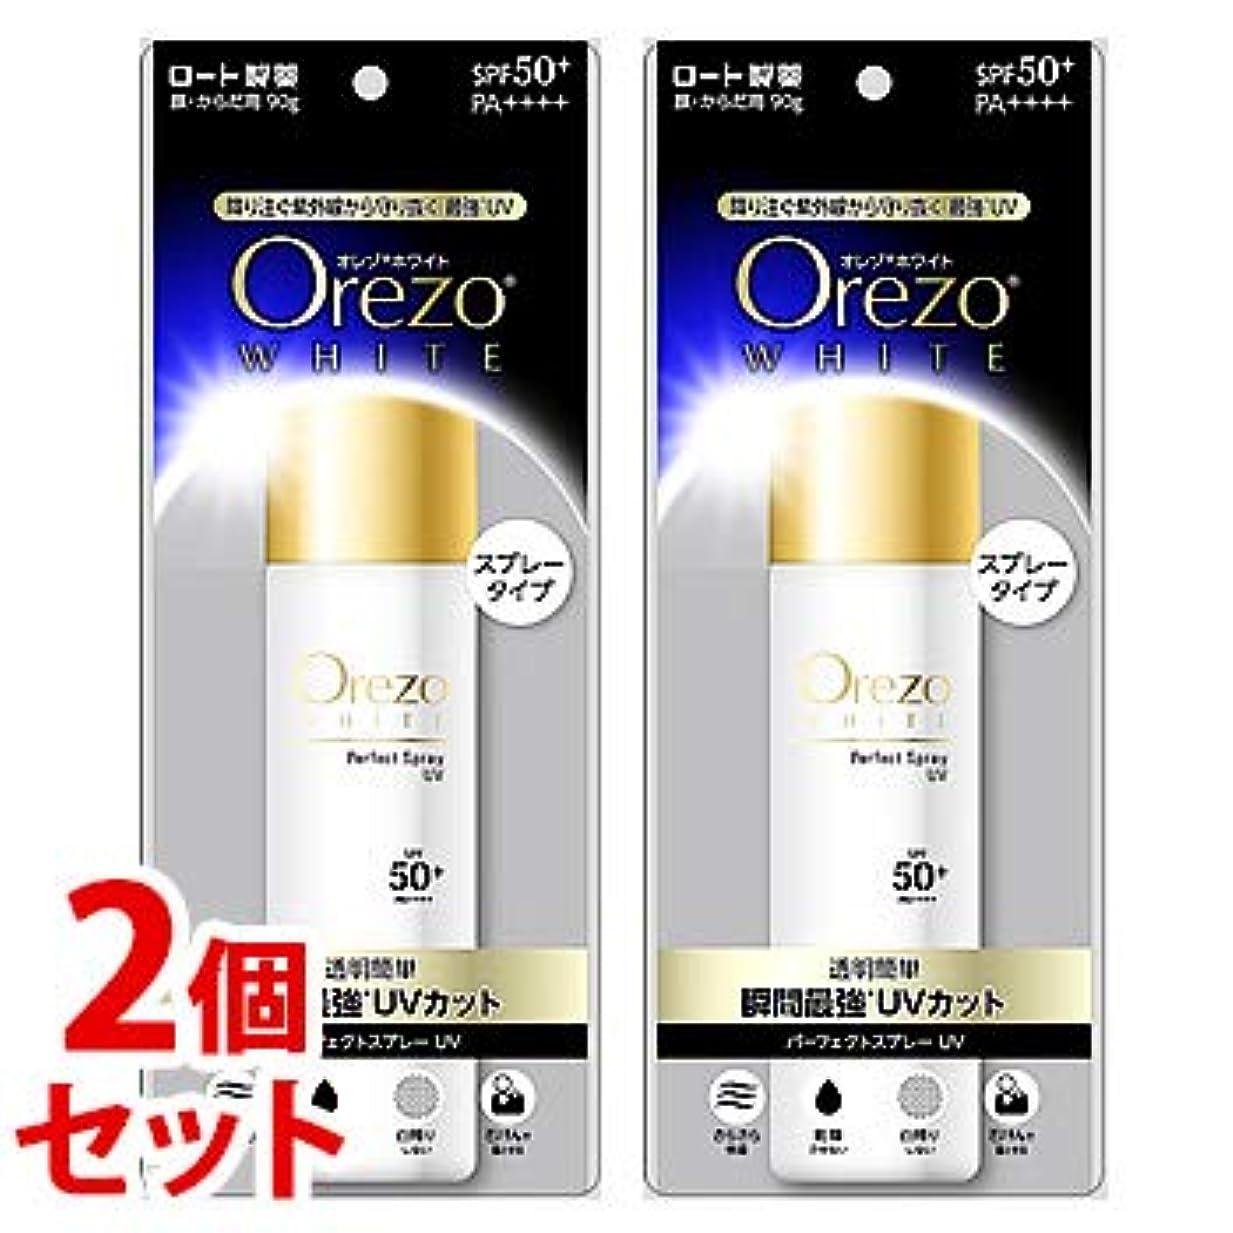 がっかりした記憶巧みな《セット販売》 ロート製薬 Orezo オレゾ ホワイト パーフェクトスプレーUV SPF50+ PA++++ (90g)×2個セット 顔?からだ用 日やけ止め スプレータイプ